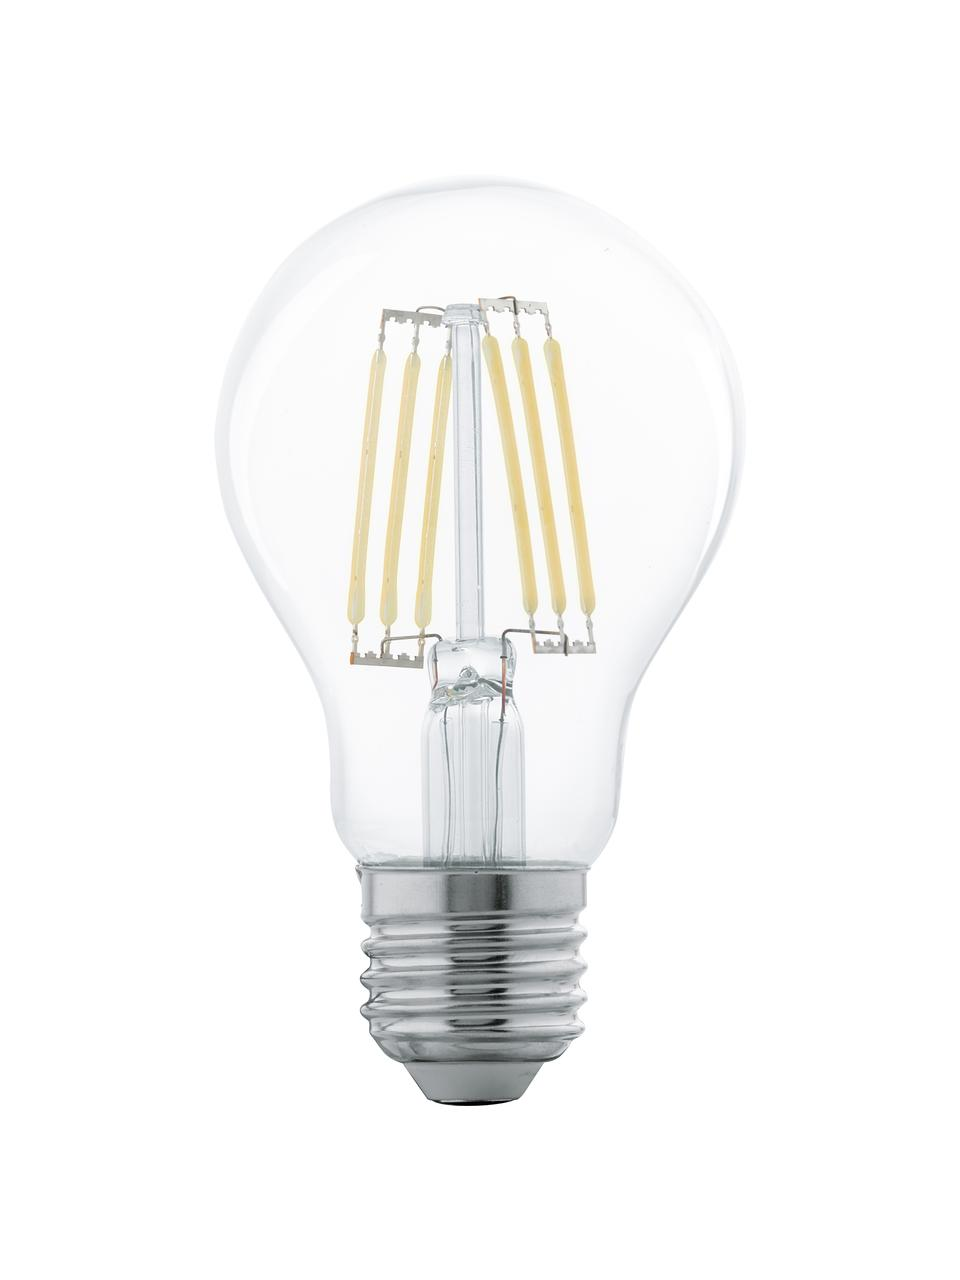 Ampoules à LED Cord (E27 - 6W) 5pièces, Transparent